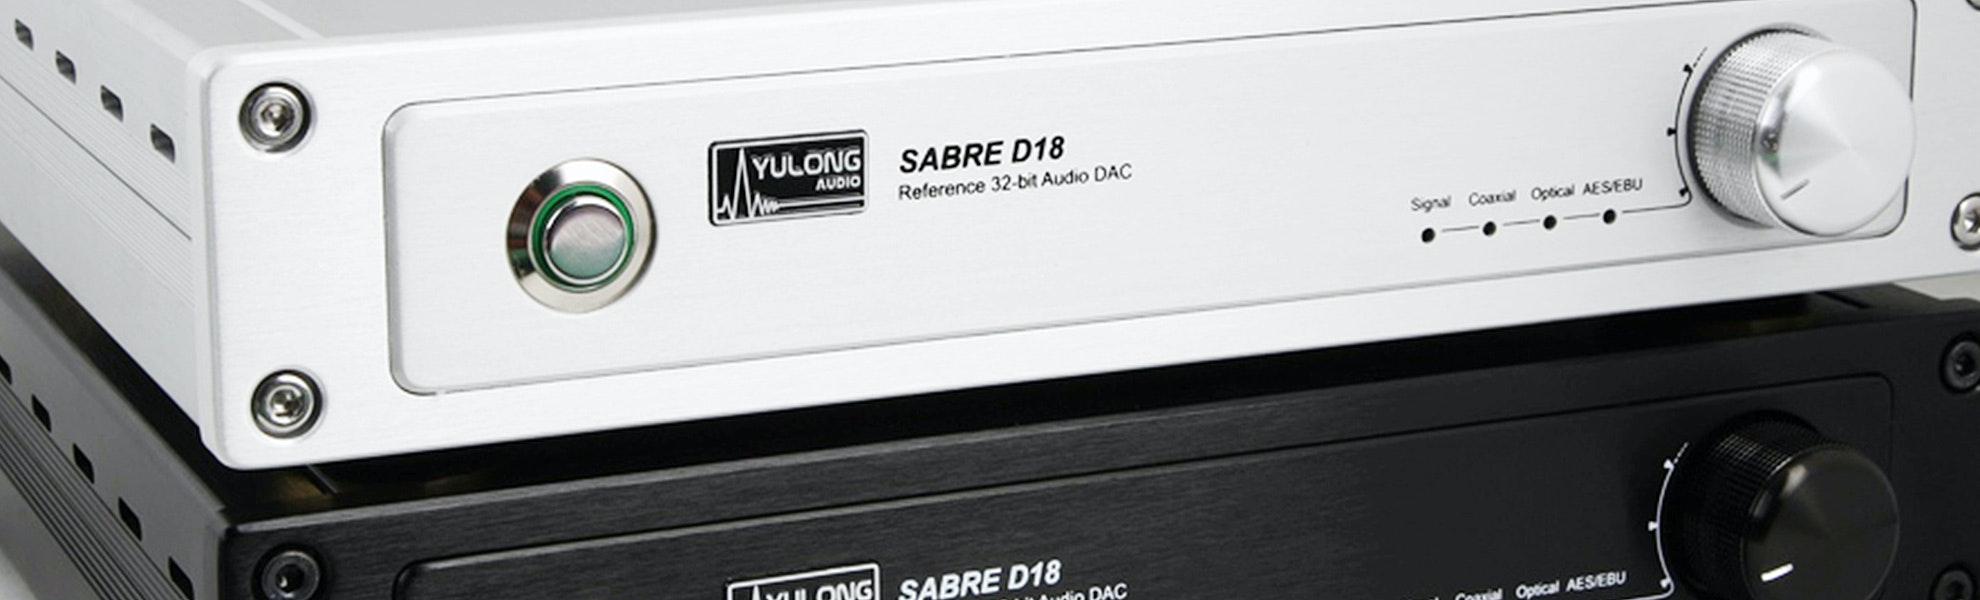 Yulong Sabre D18 Reference DAC